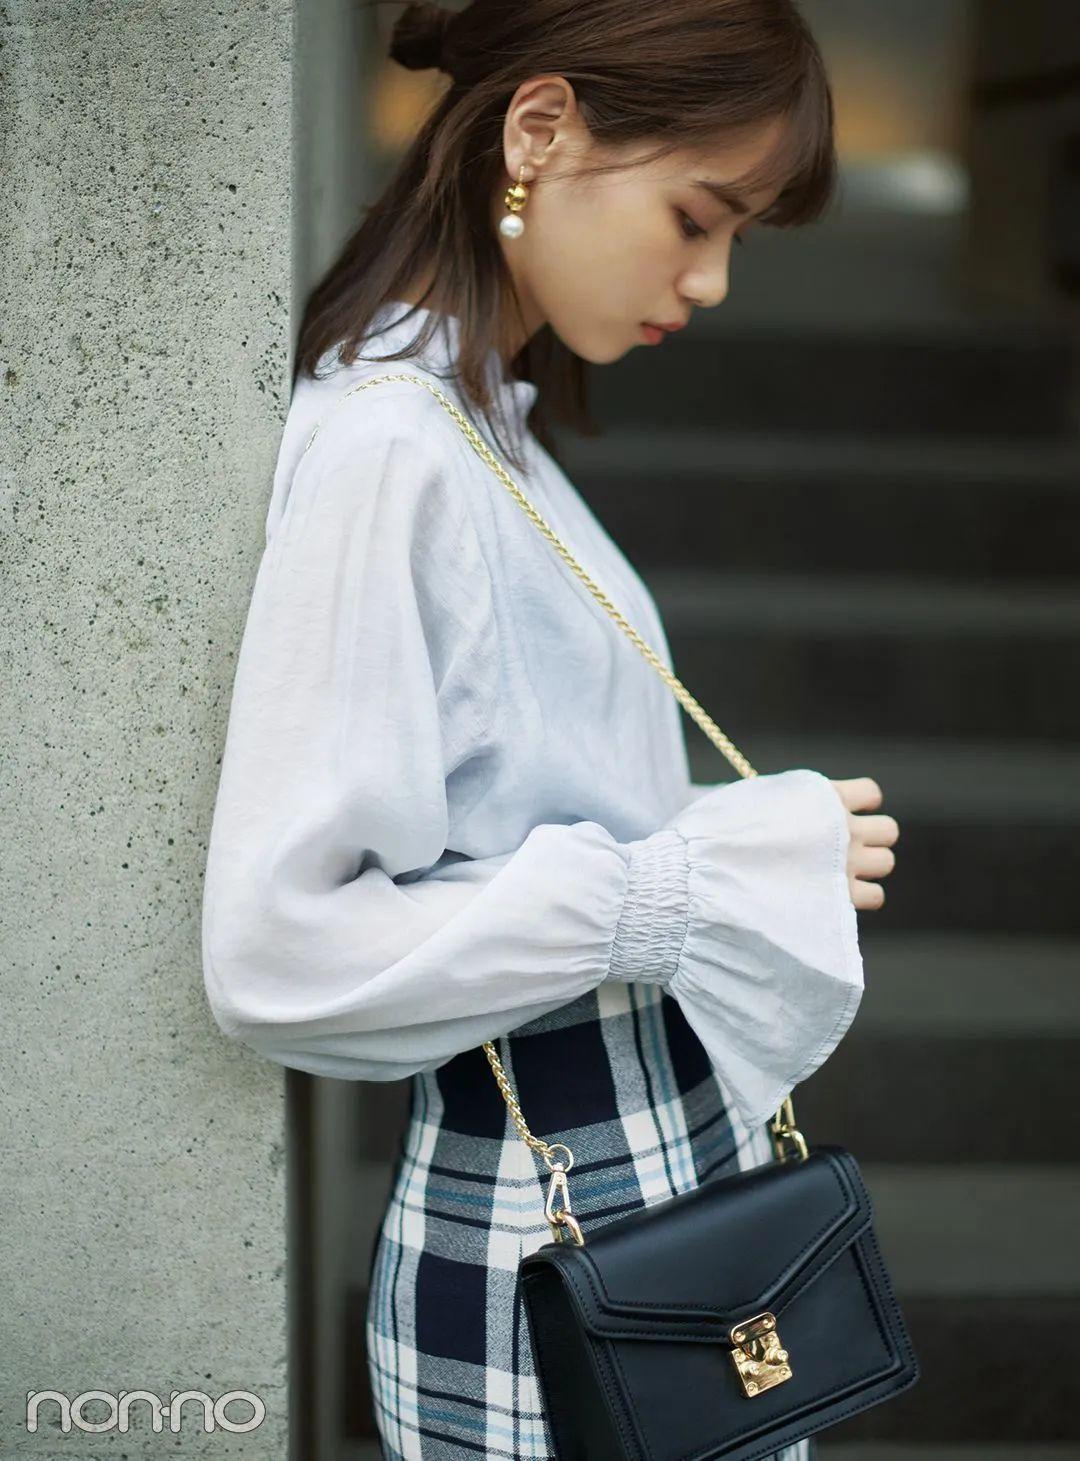 写真 – 刚出道的西野七濑和现在对比一下,漂亮是这样炼成的_图片 No.11